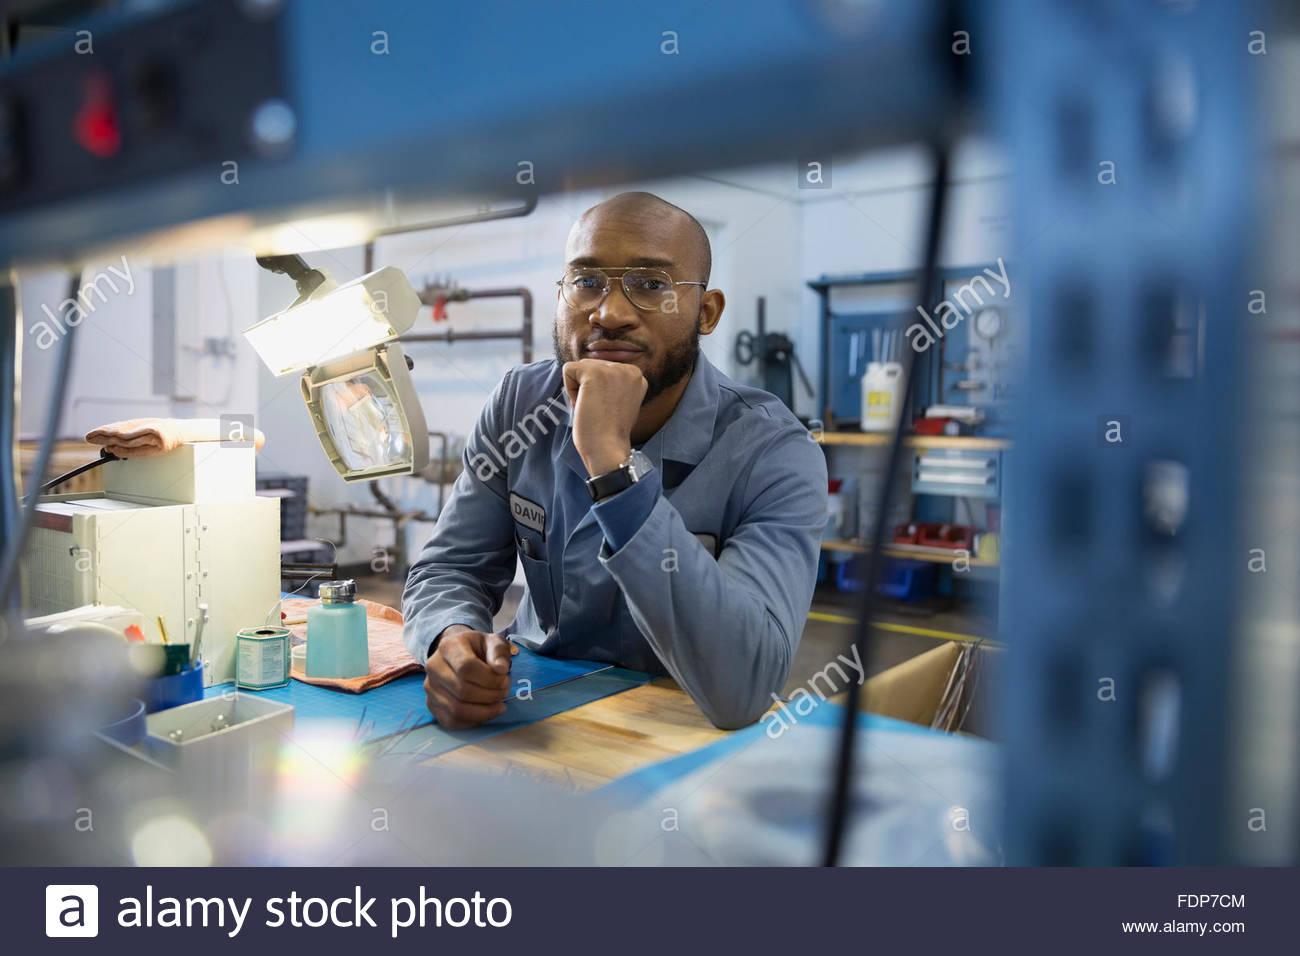 Ritratto lavoratore serio in officina in fabbrica Immagini Stock